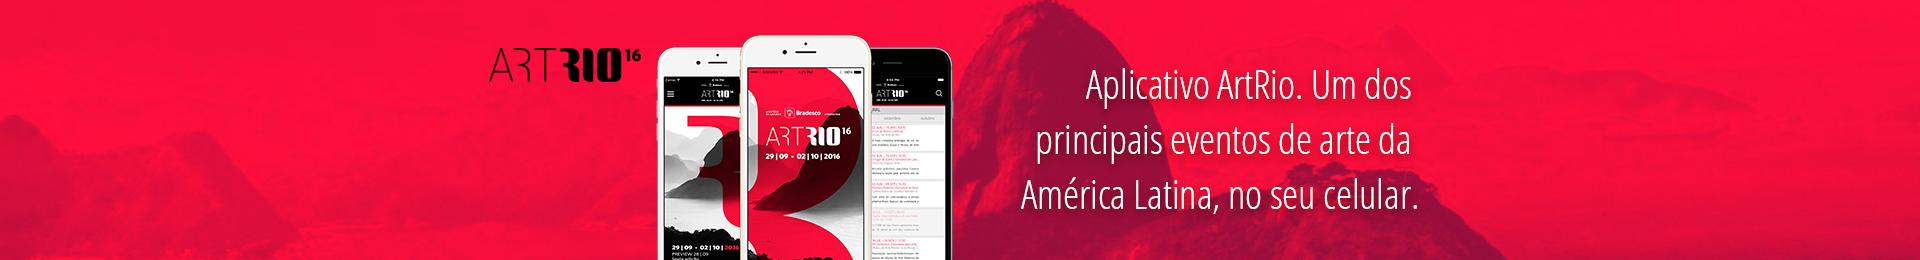 App ArtRio. Um dos principais eventos de arte da América Latina.